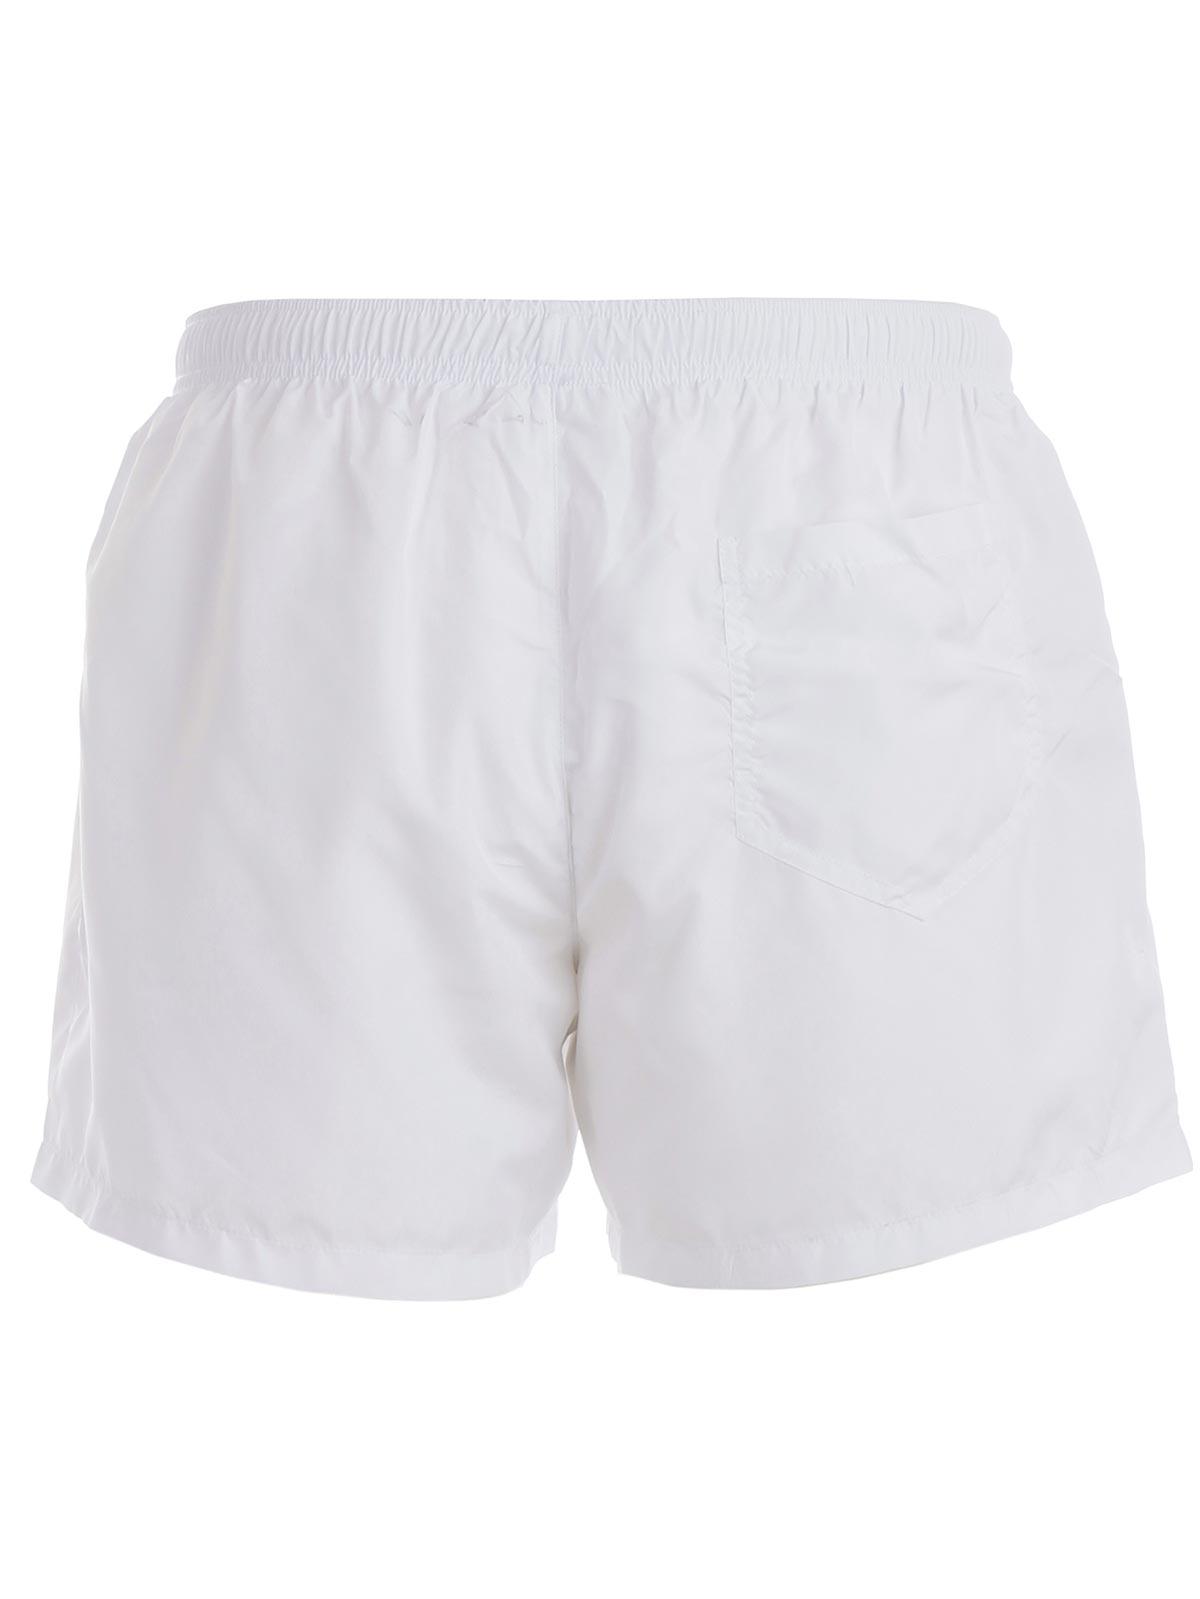 Picture of Moschino  Swim Short